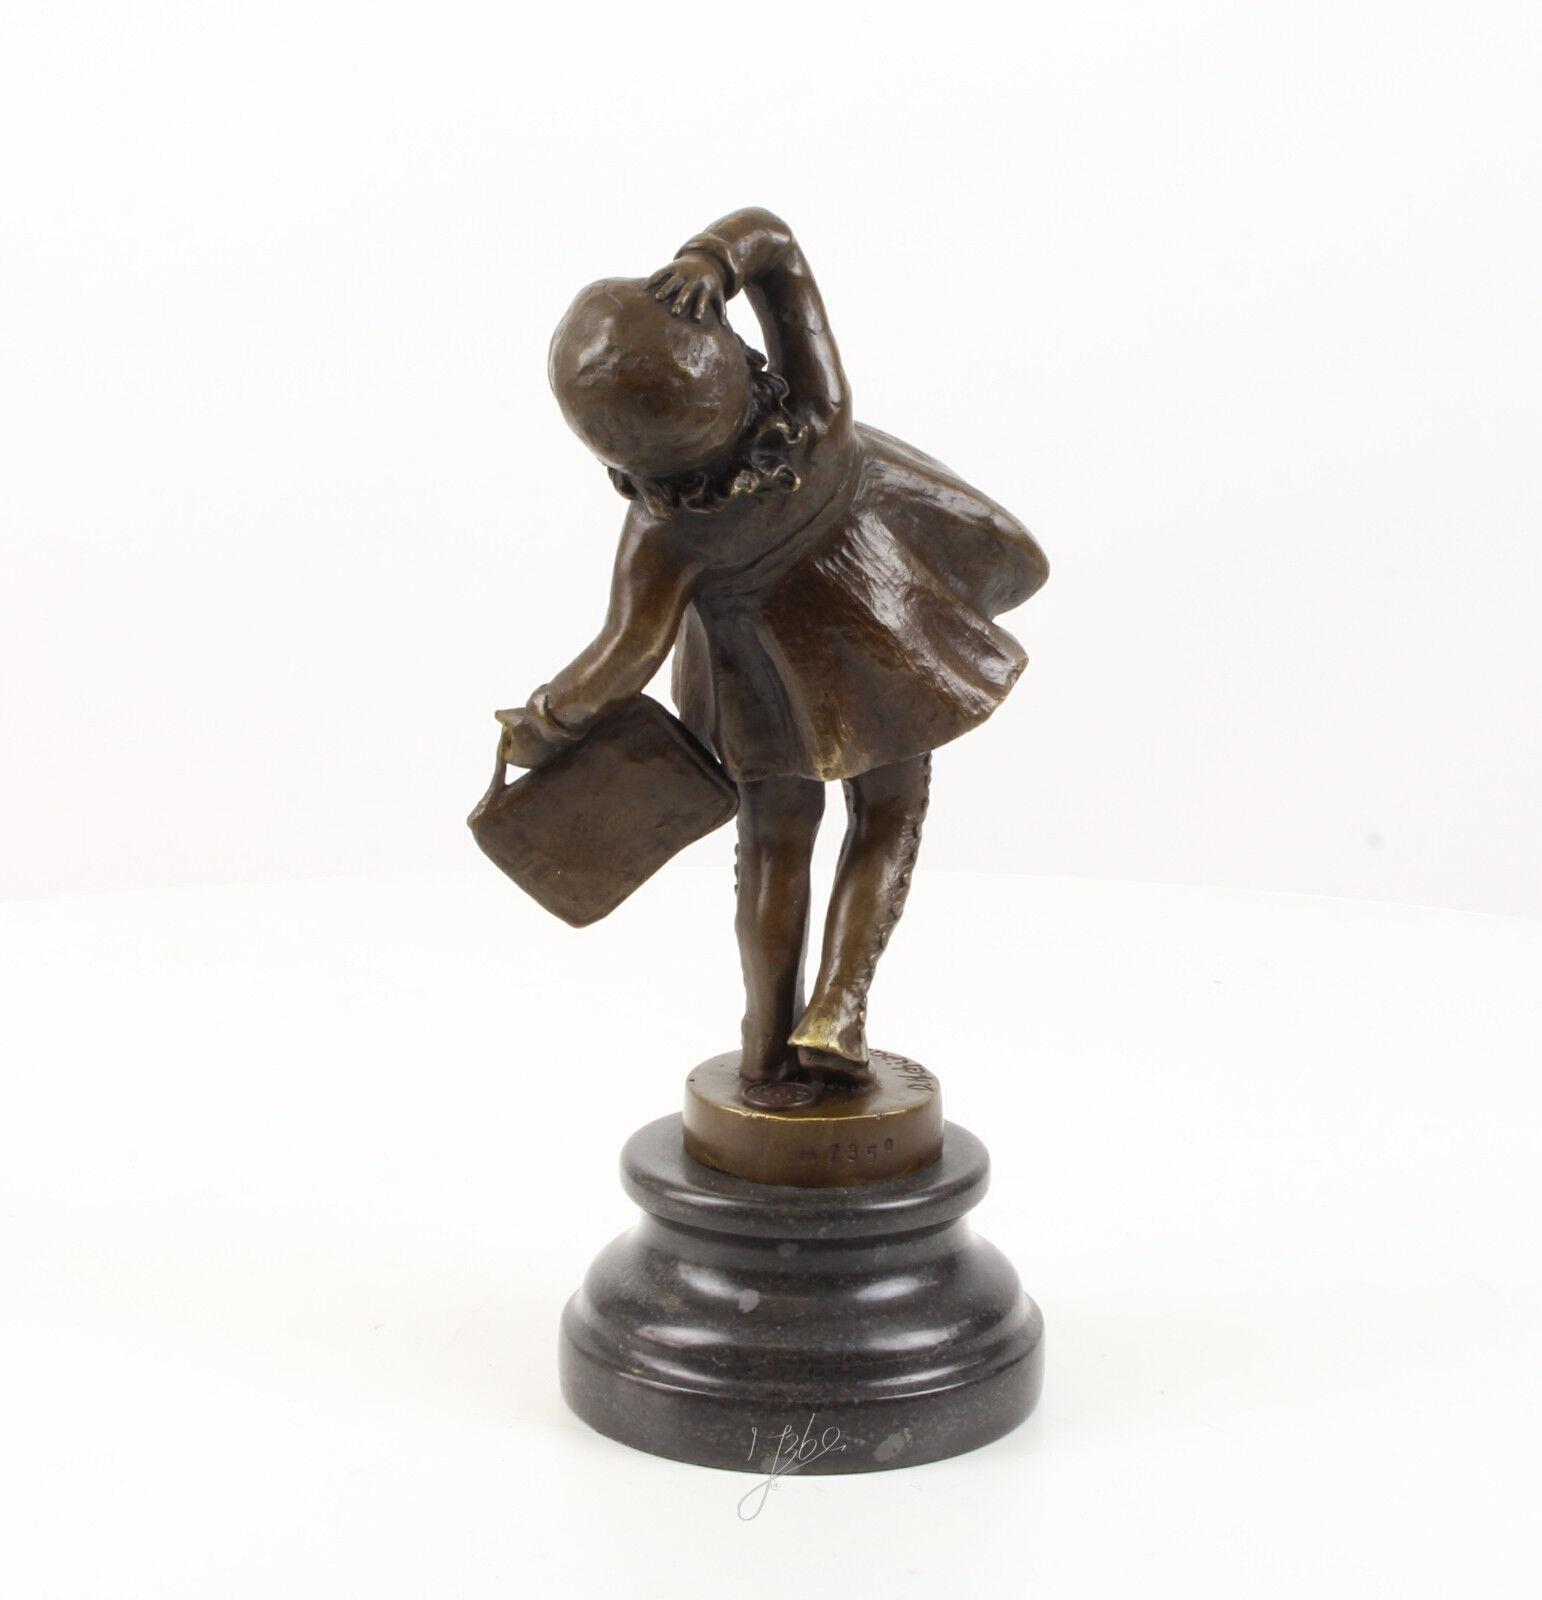 9937102-dss bronze sculpture personnage personnage sculpture scolaire fille 25x10x12cm d18d0e